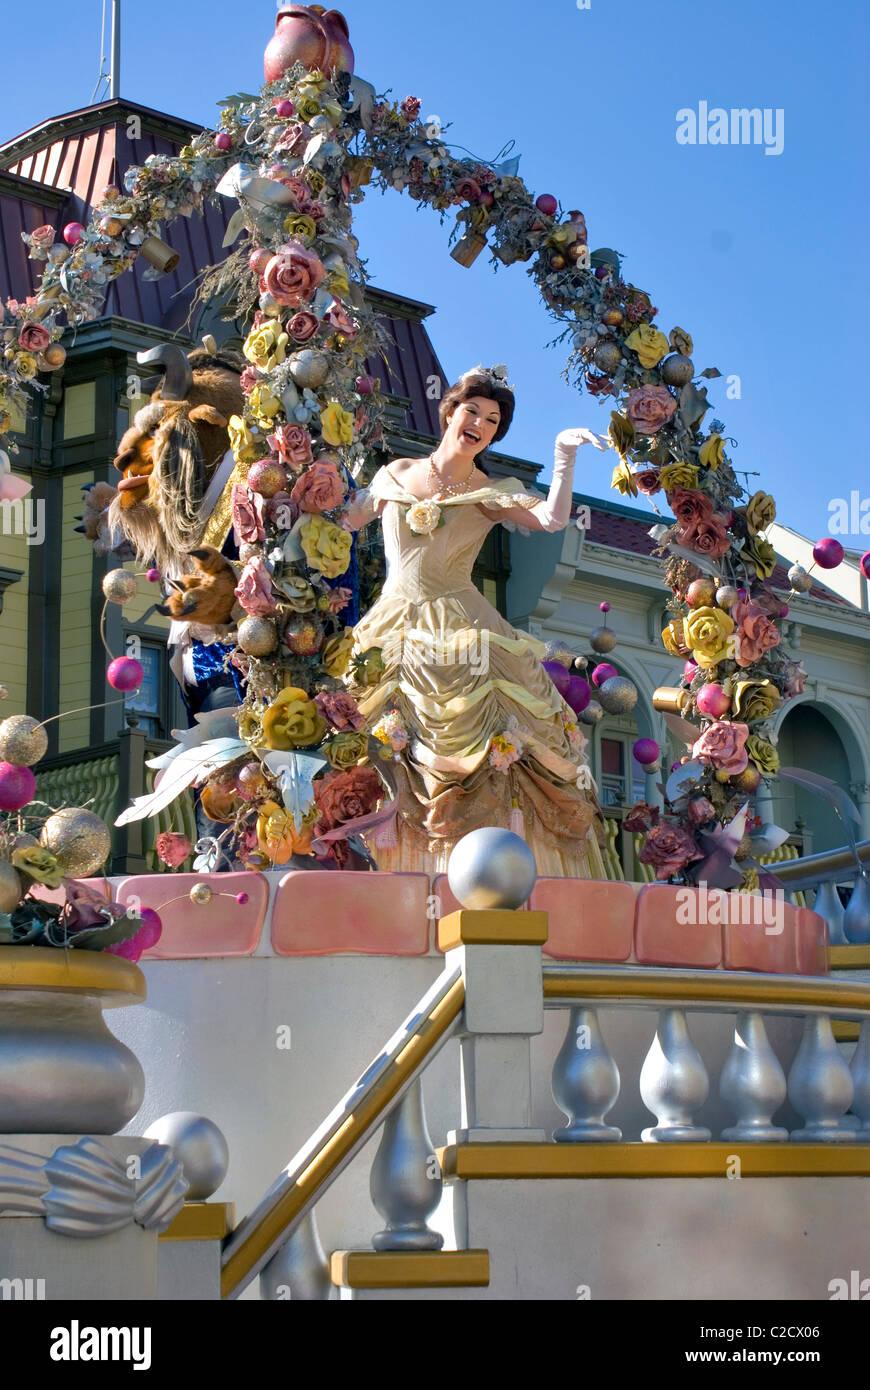 Beauty And The Beast Parade Float Walt Disney World Orlando Stock Photo Alamy